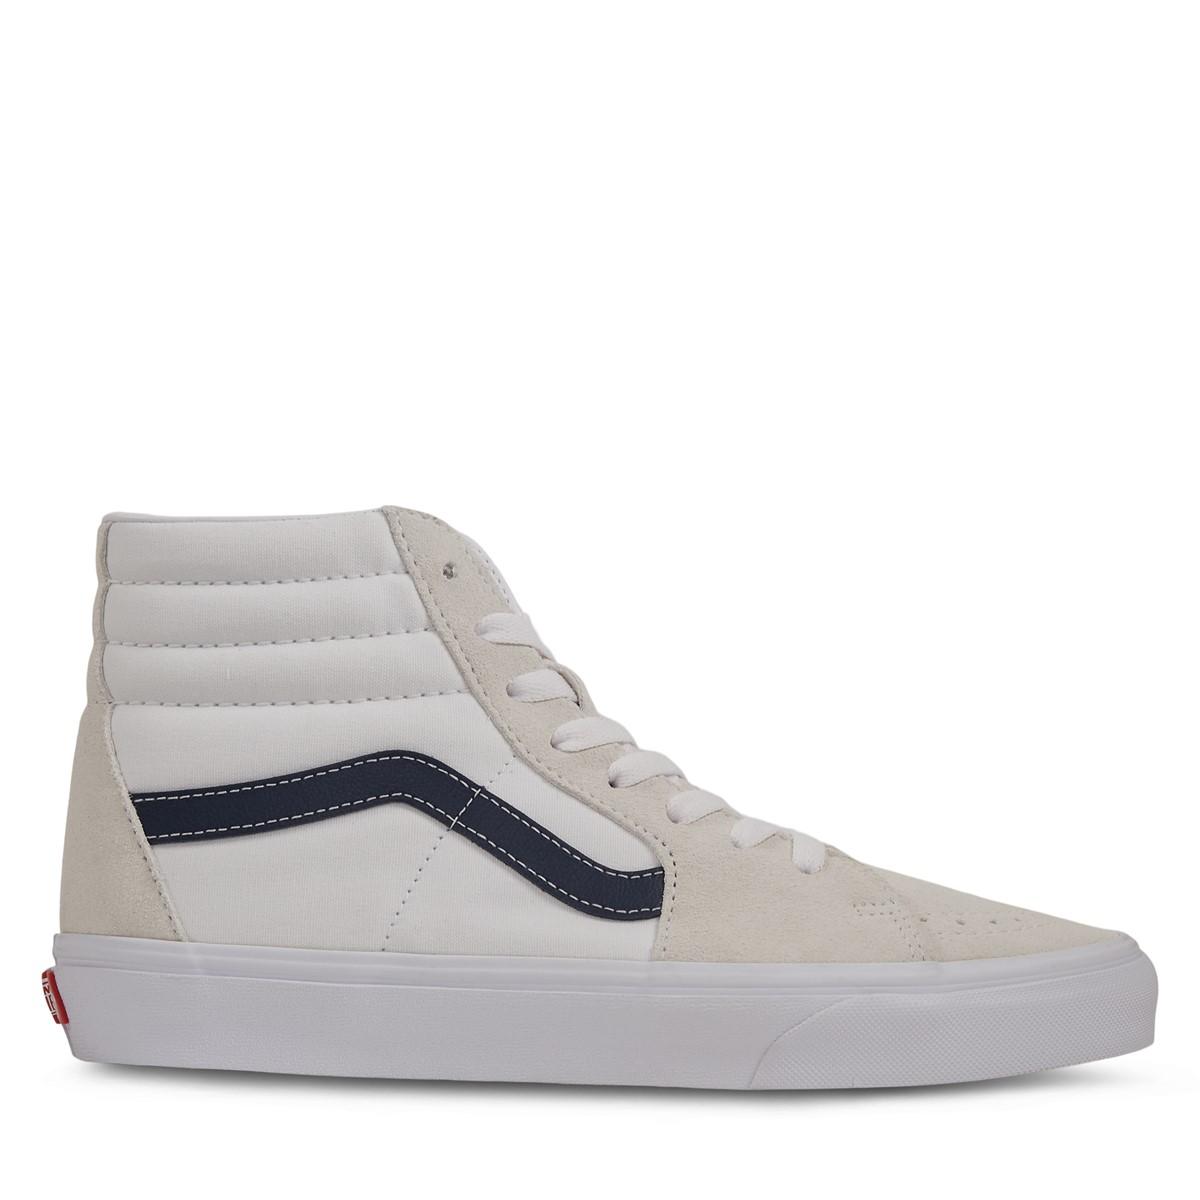 Classic Sport Sk8-Hi Sneakers in White/Blue